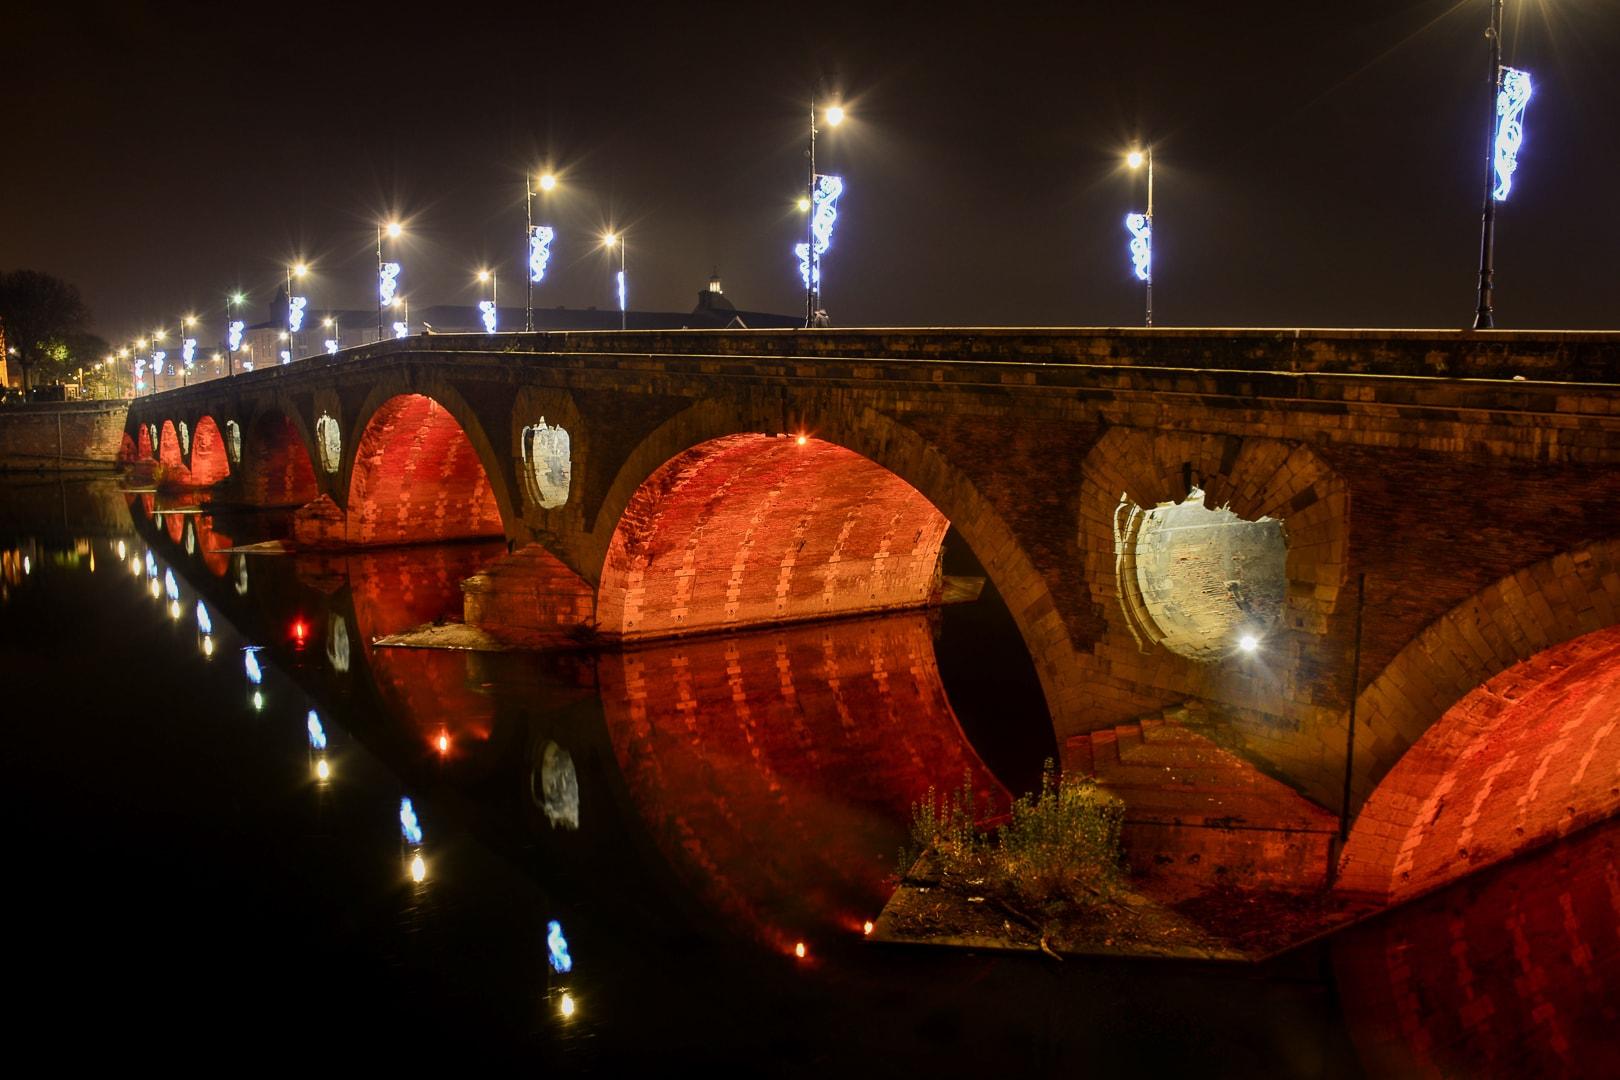 trezors-photography-photographe-professionnel-toulouse-31-voyage-paysage-pont-neuf